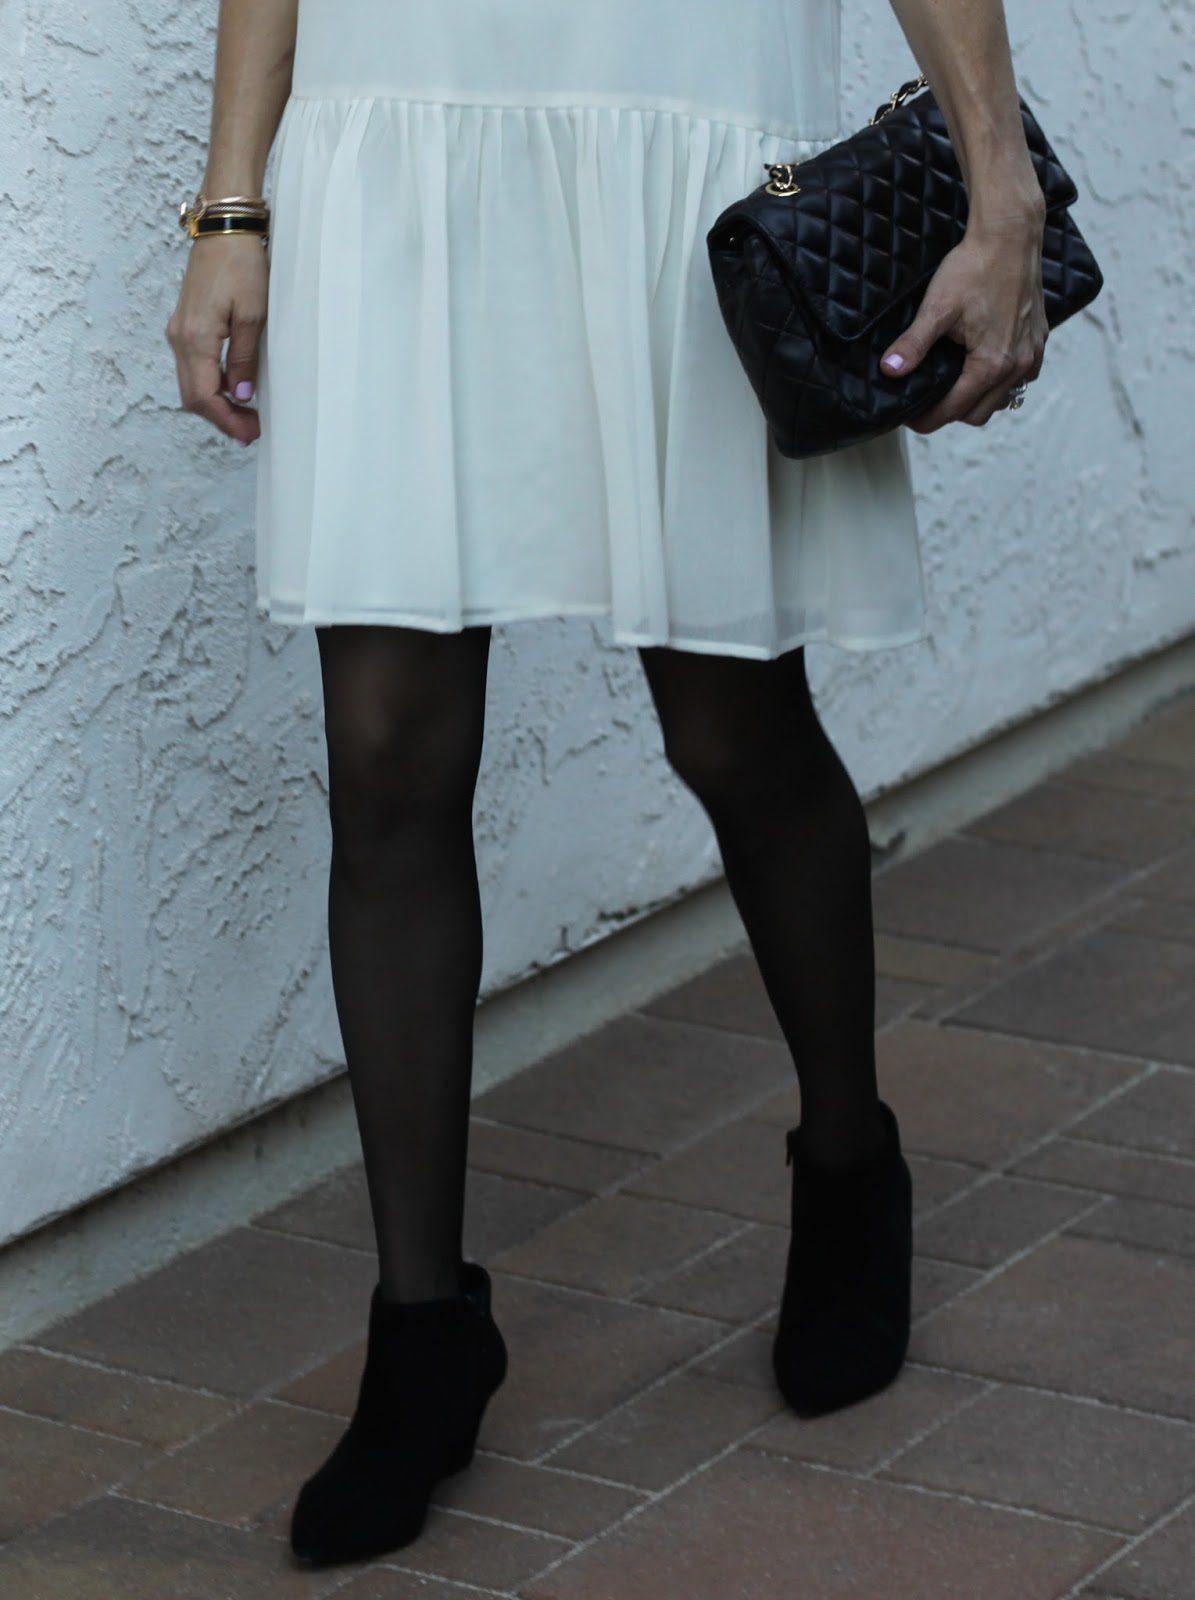 white dress black pantyhose